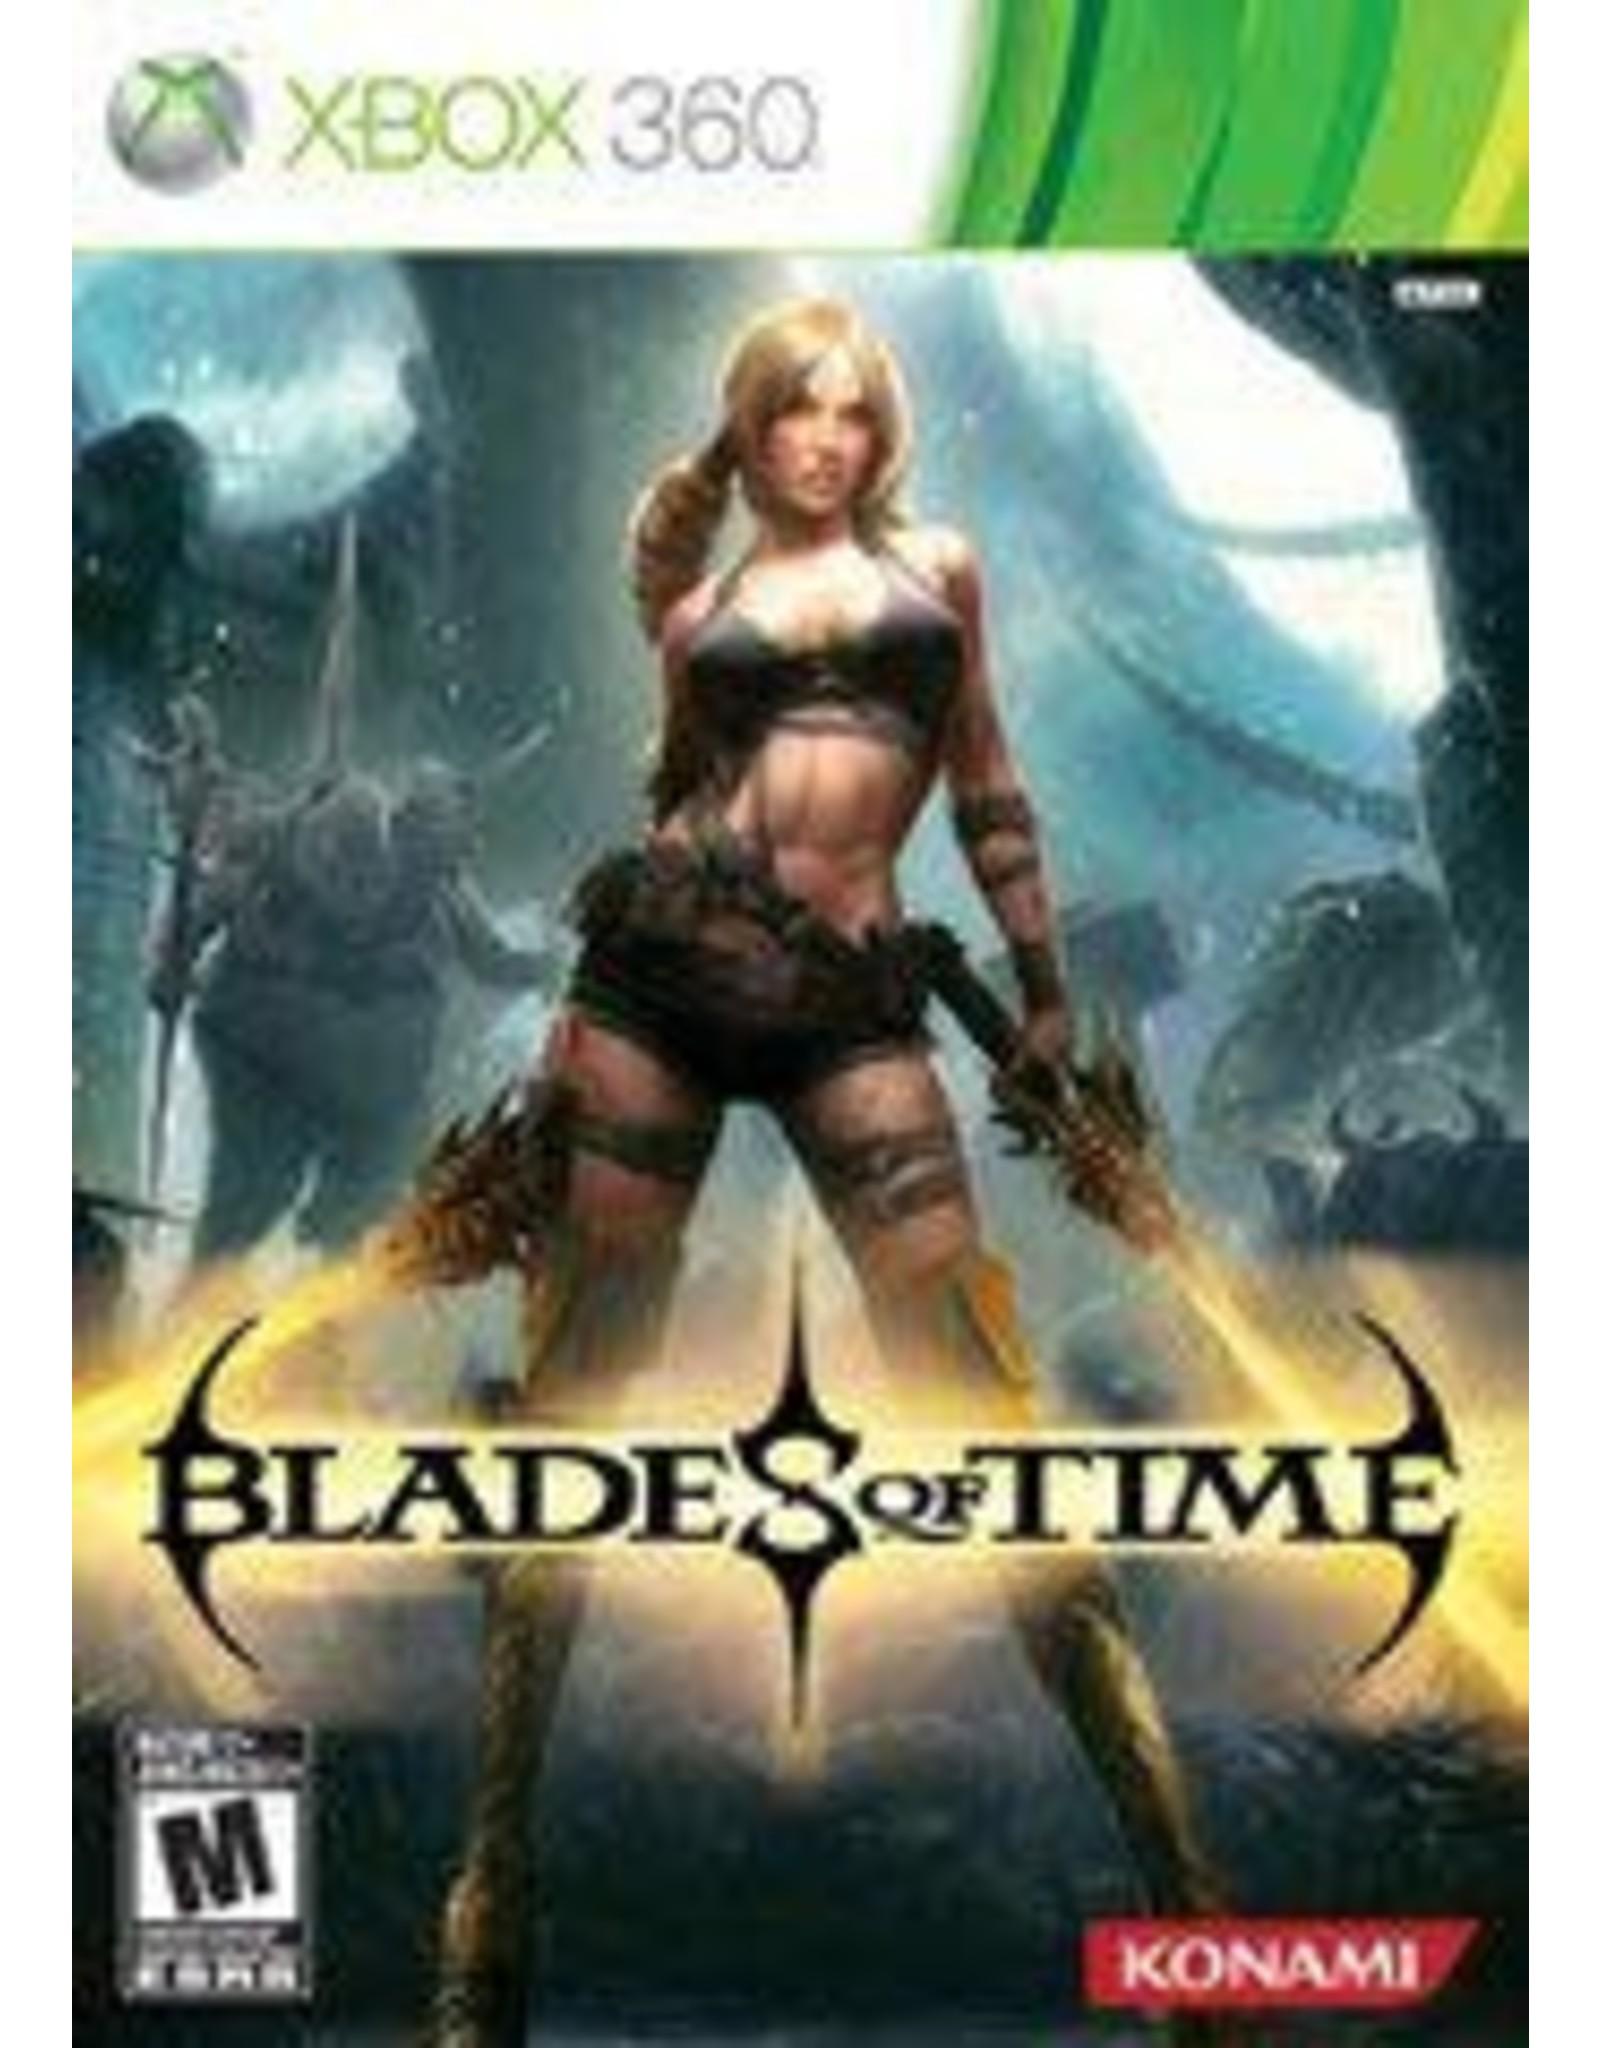 Xbox 360 Blades Of Time (CiB)